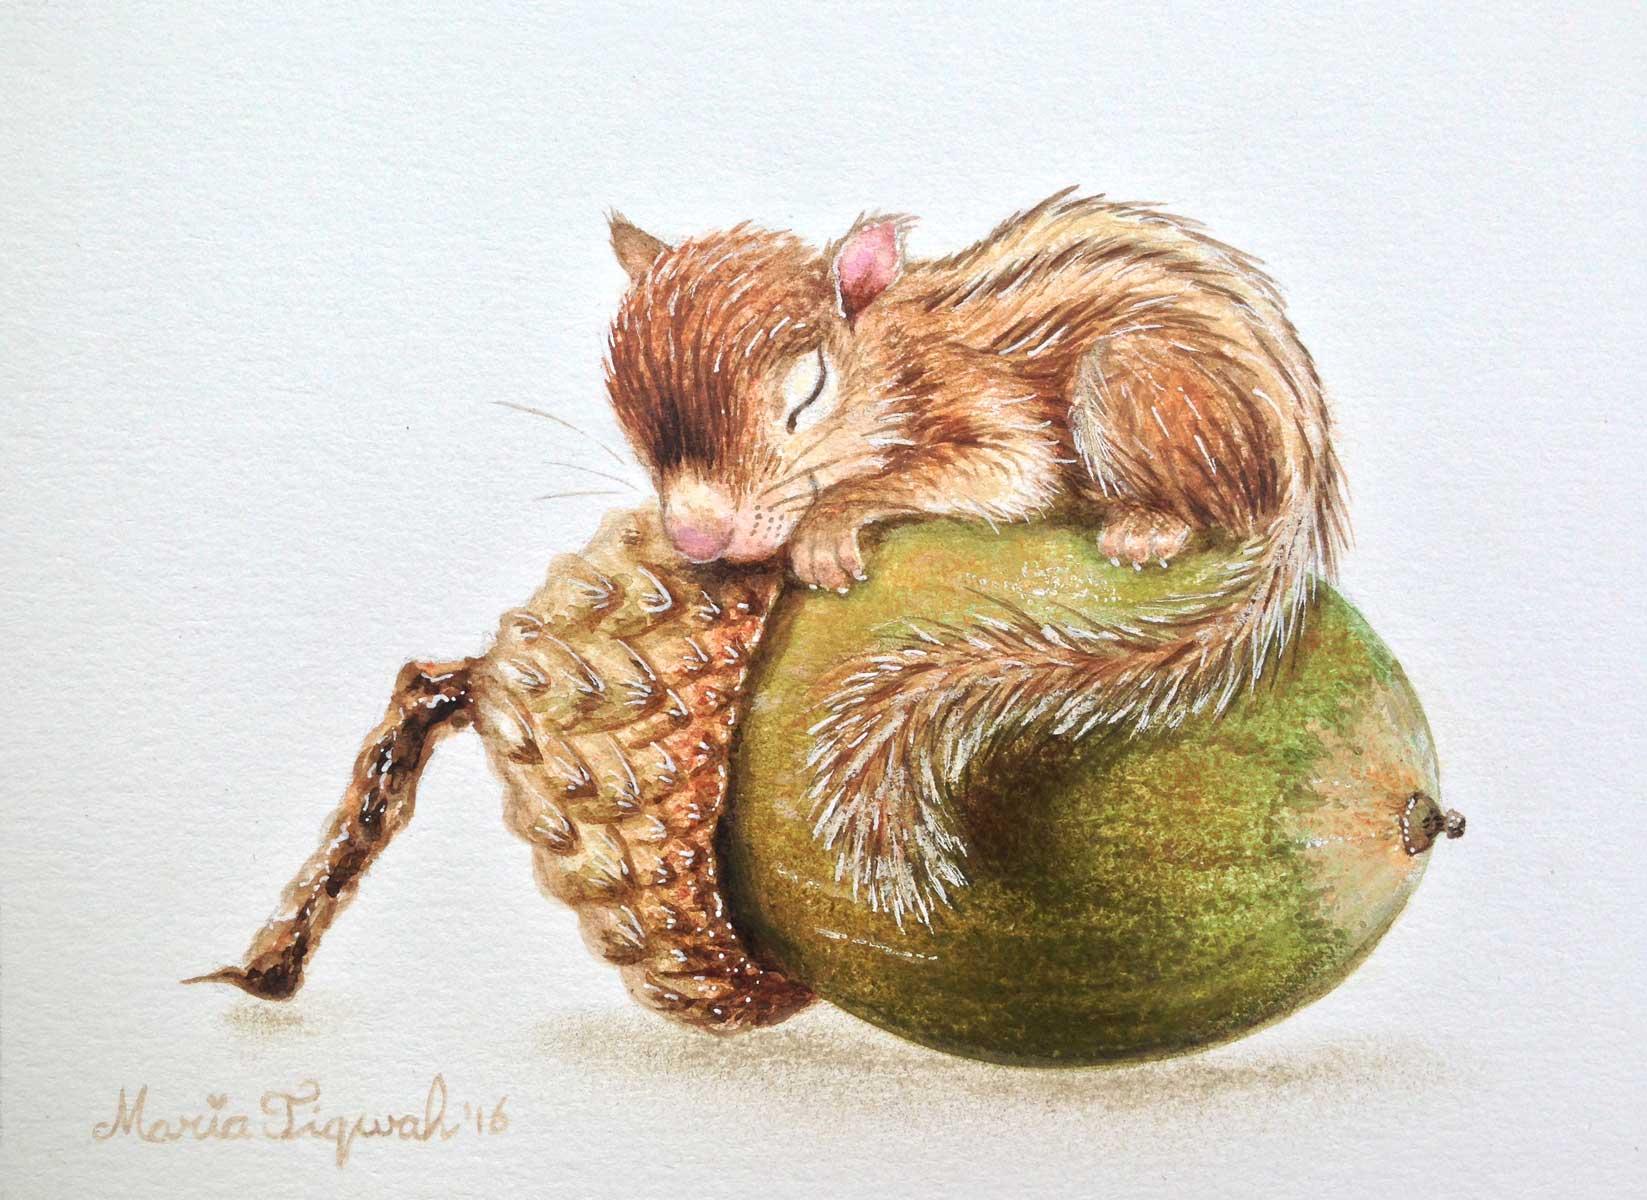 eekhoorntje met eikel